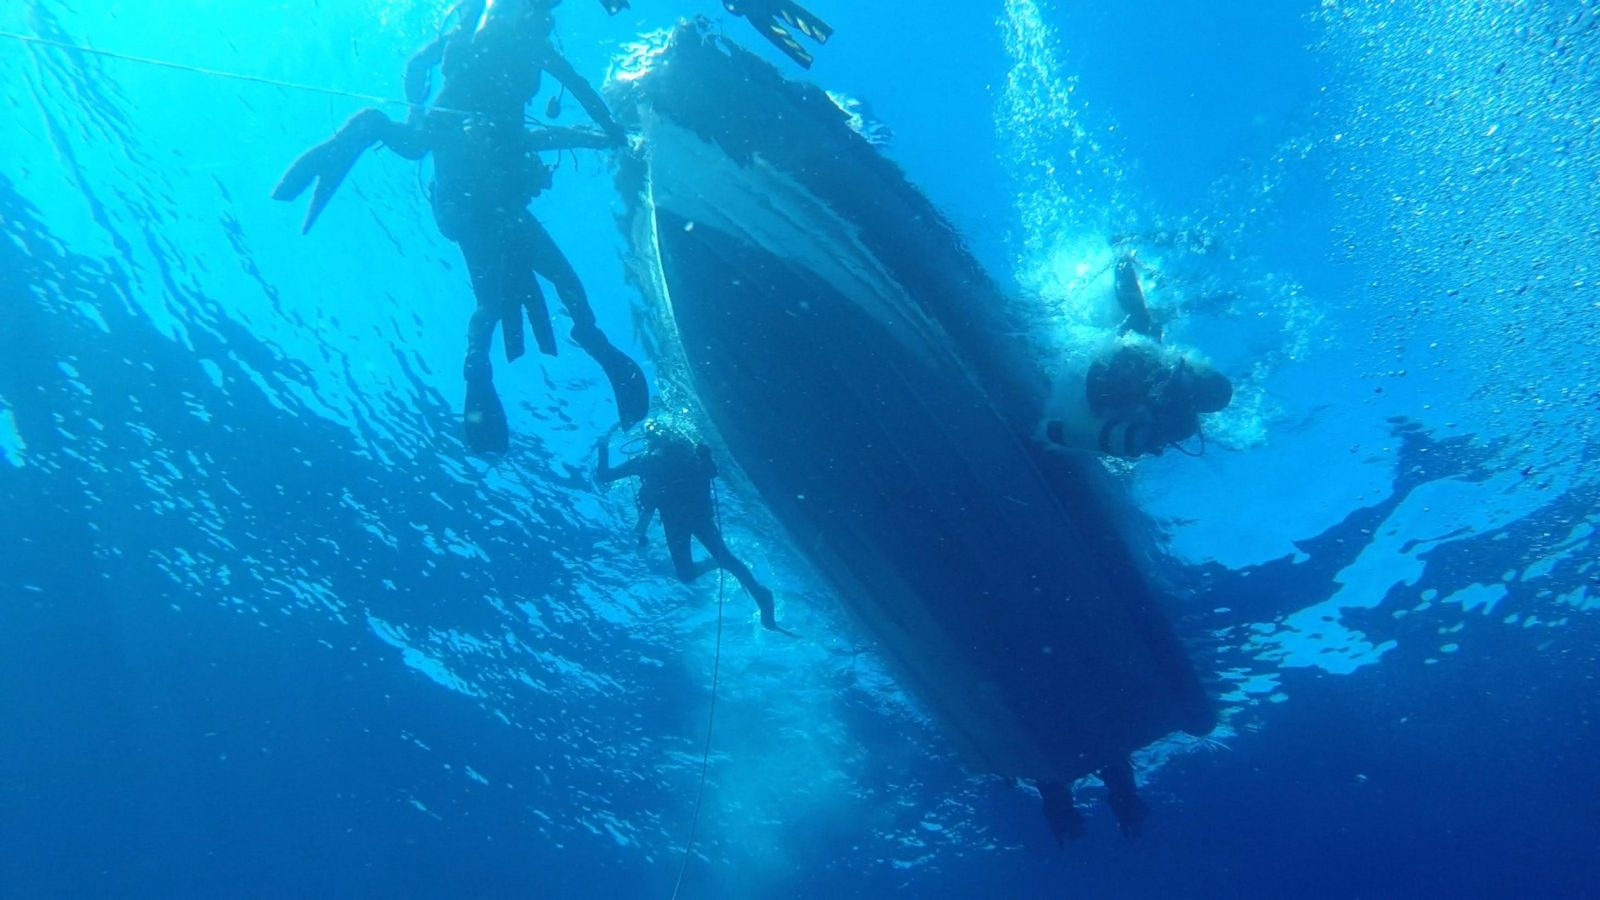 Diving off Ulladulla